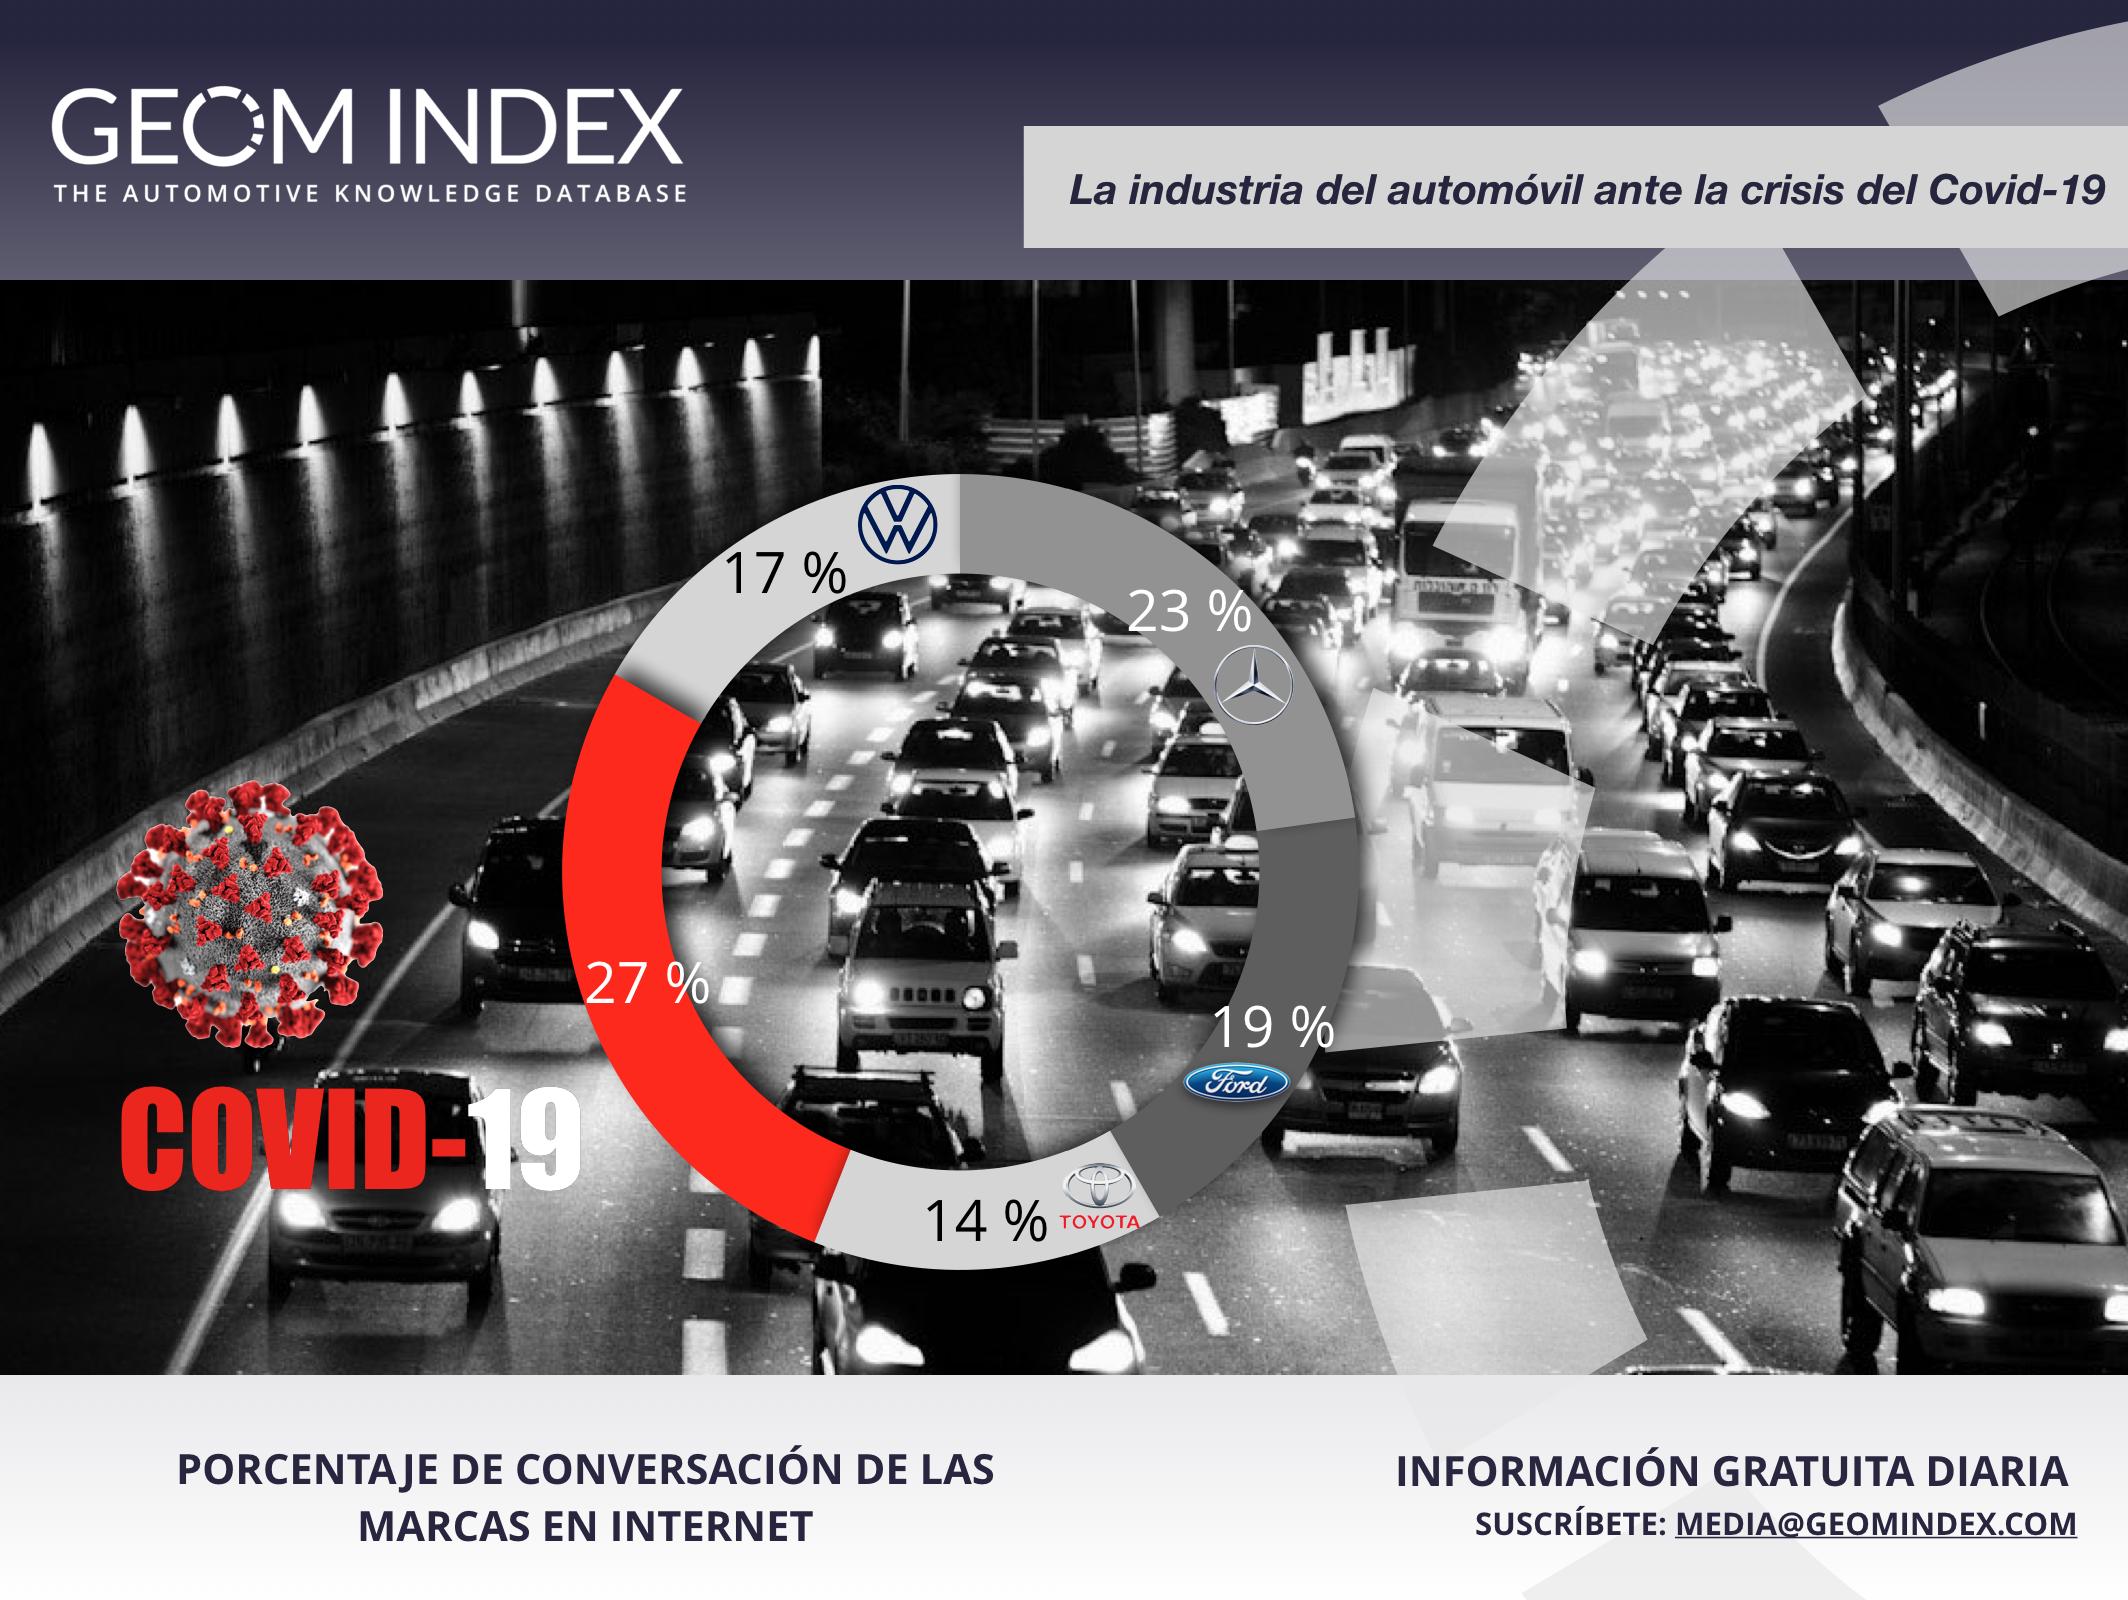 La industria del automóvil ante la crisis del Covid-19: Informe martes 24/03/2020